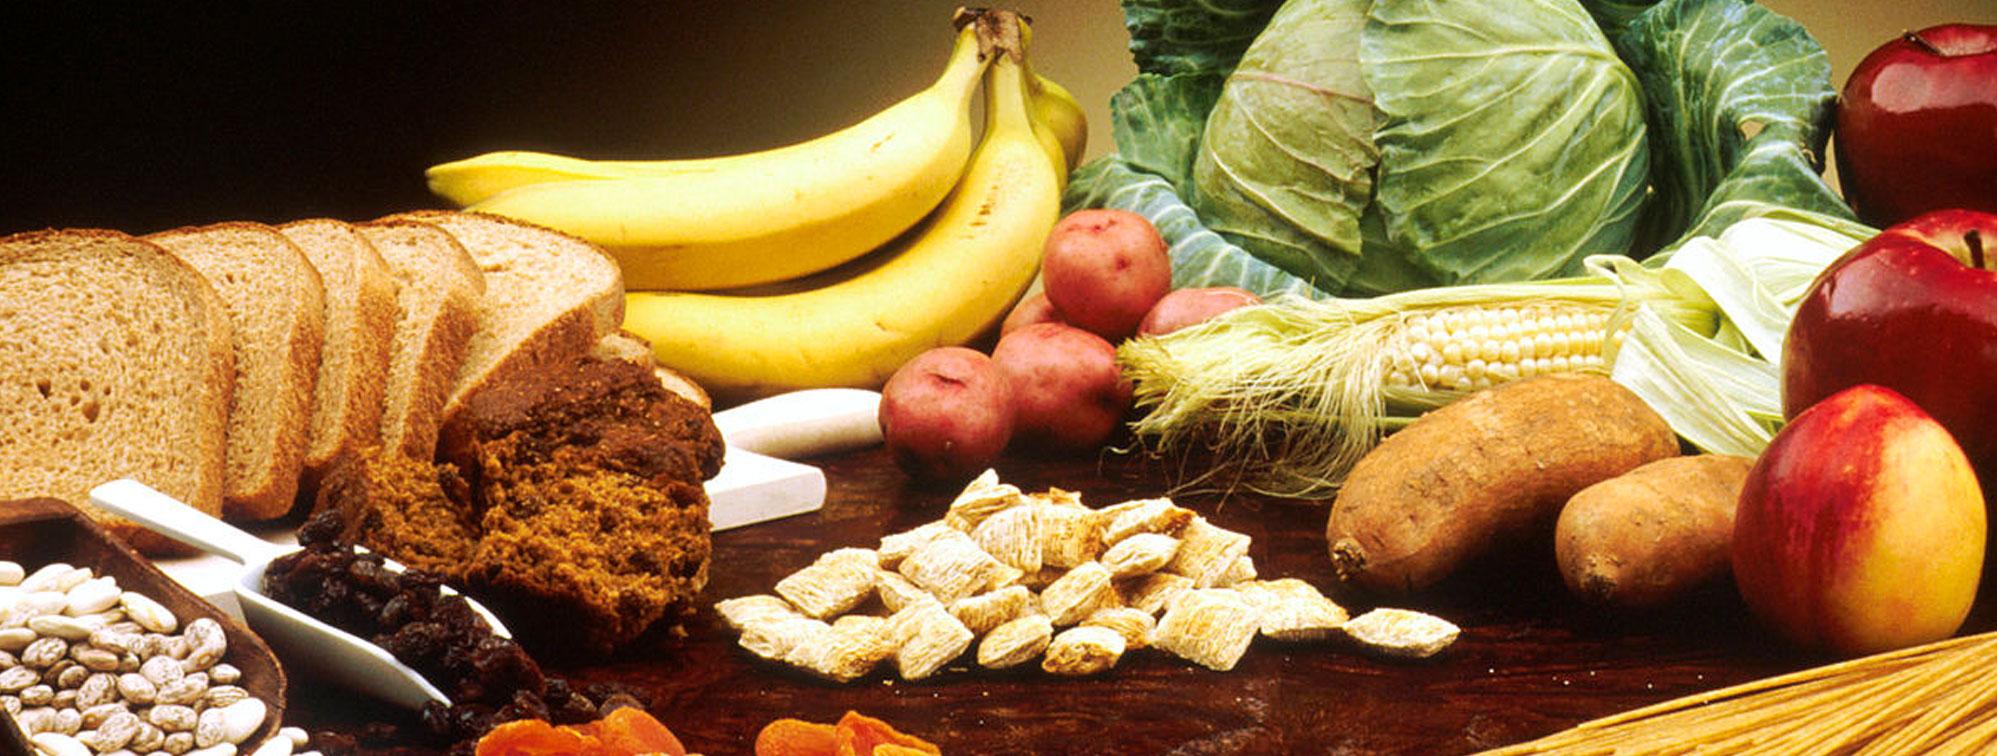 healthy foods spead